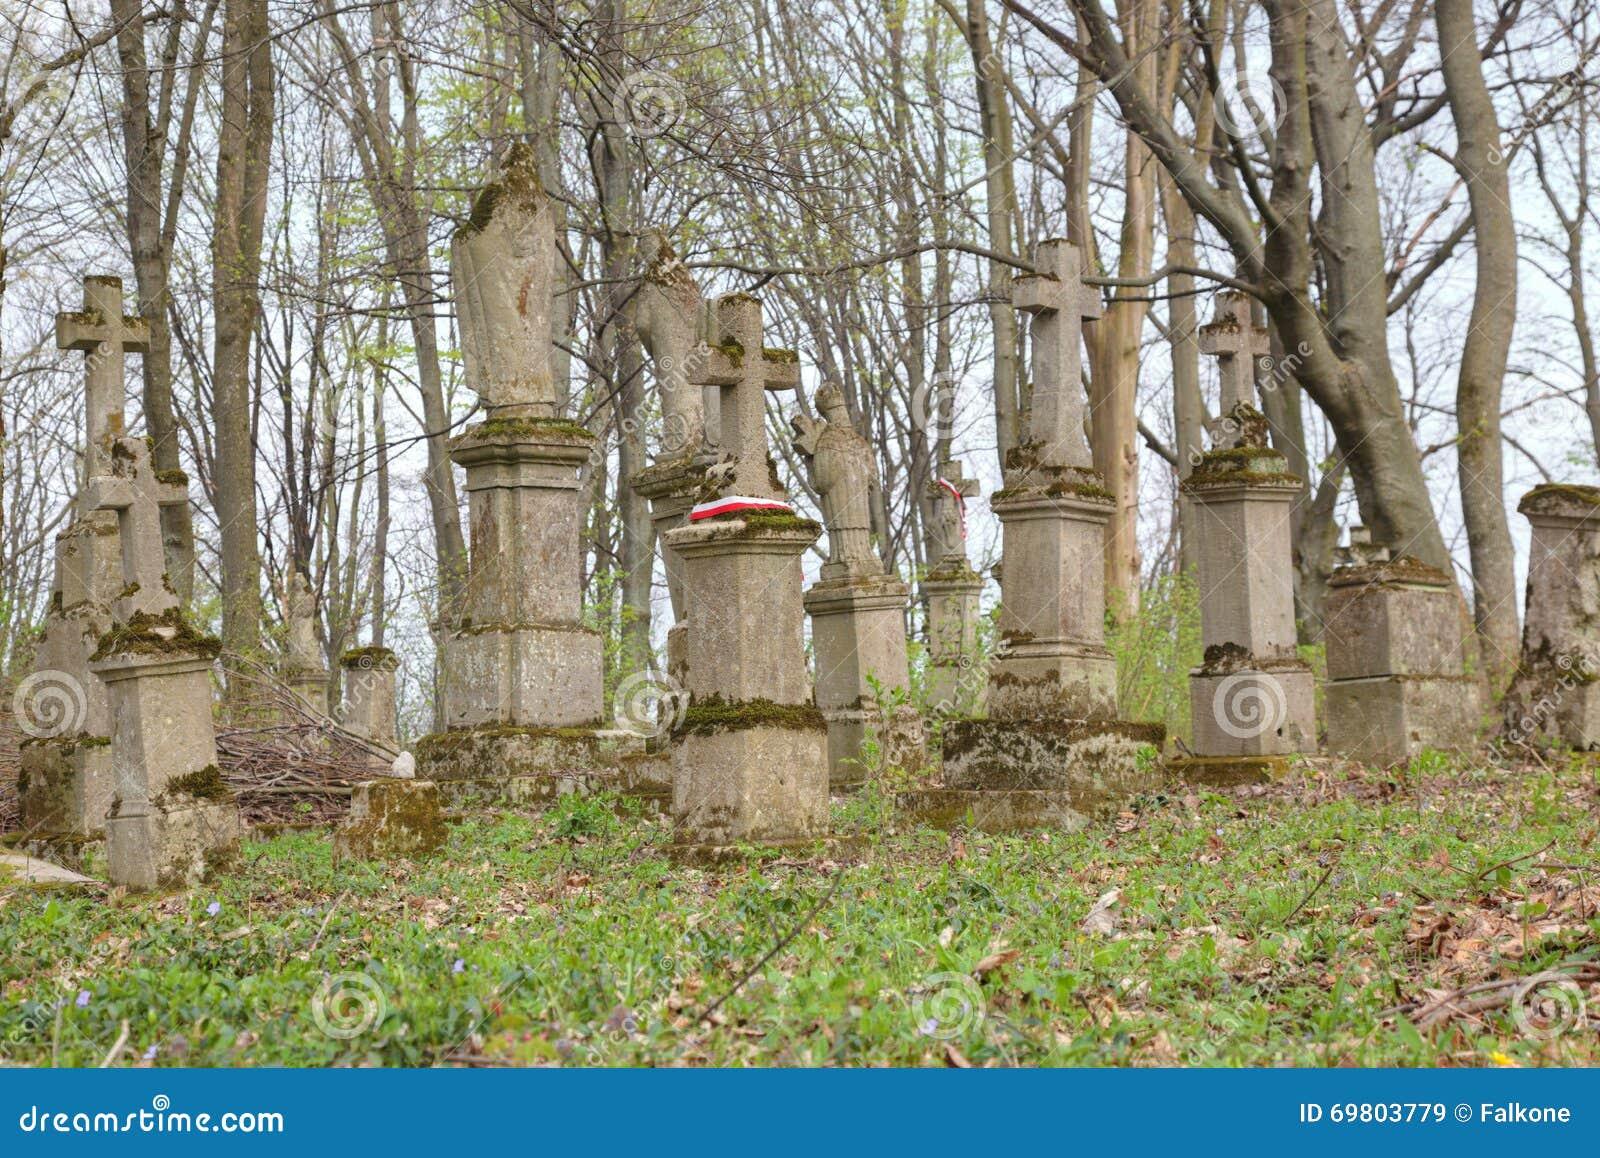 Un cimetière du XIXème siècle découvert dans un bois Vieux-cimeti%C3%A8re-abandonn%C3%A9-dans-la-for%C3%AAt-69803779